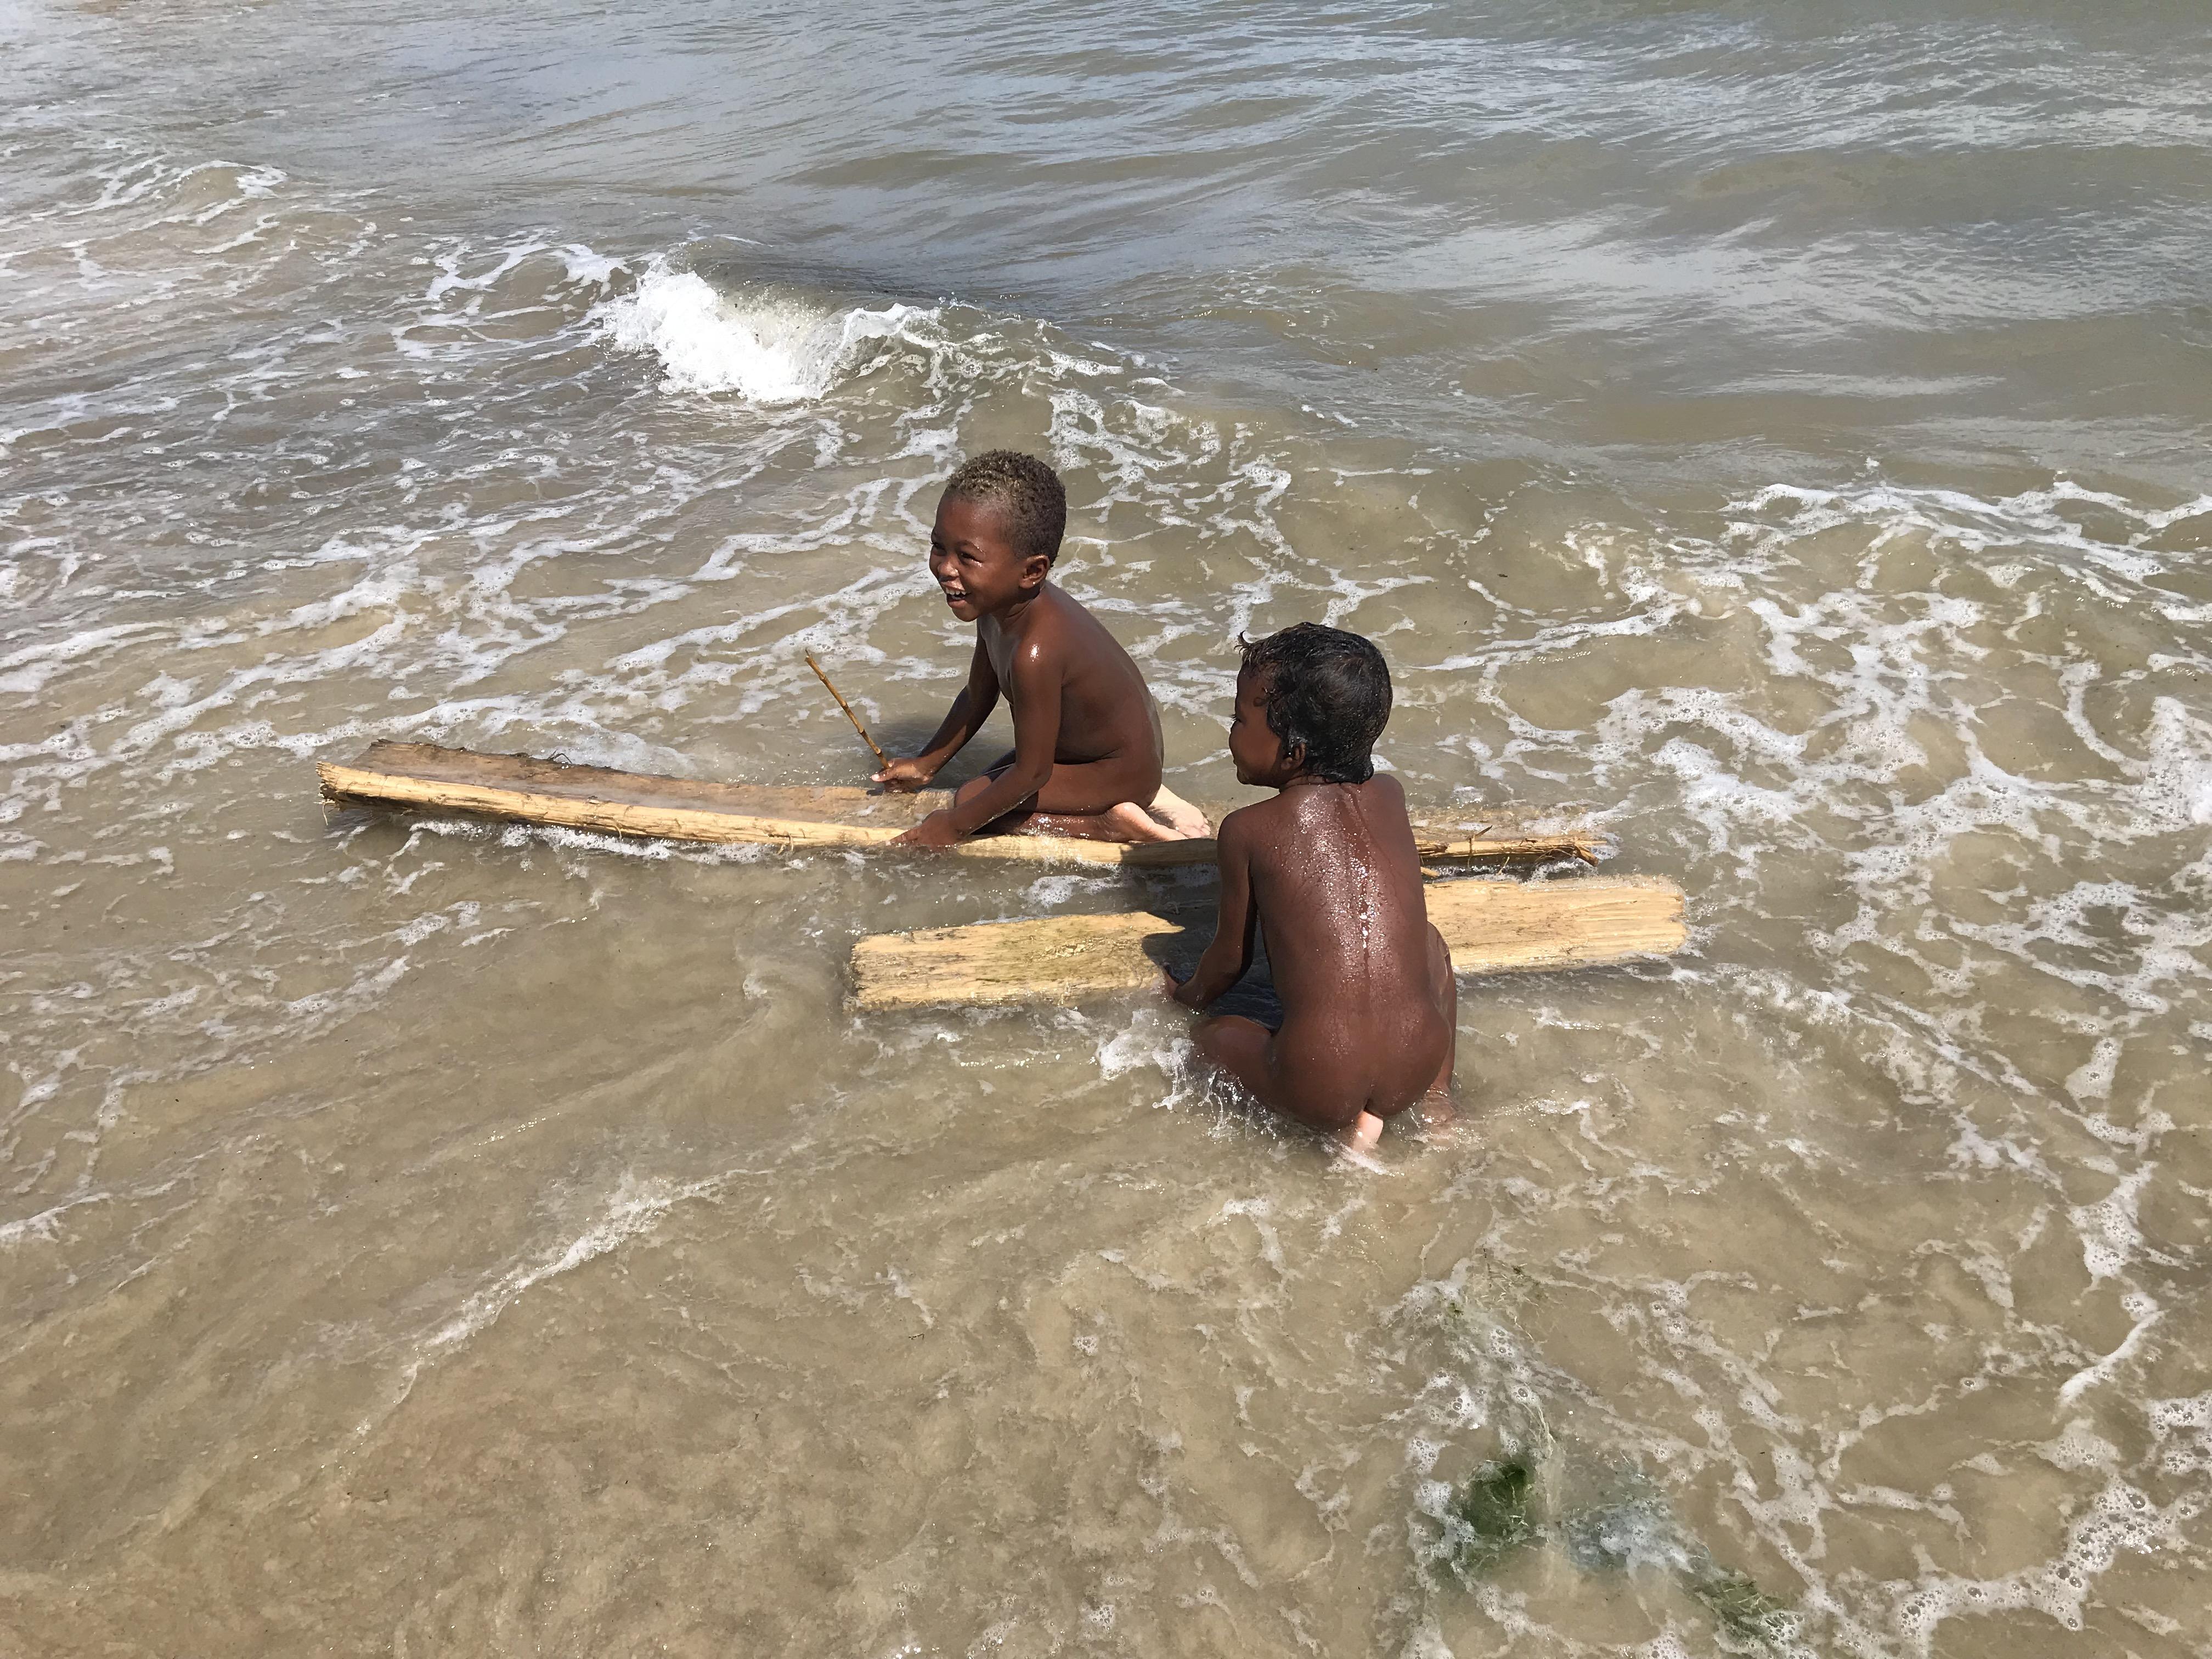 モロンダバの漁村